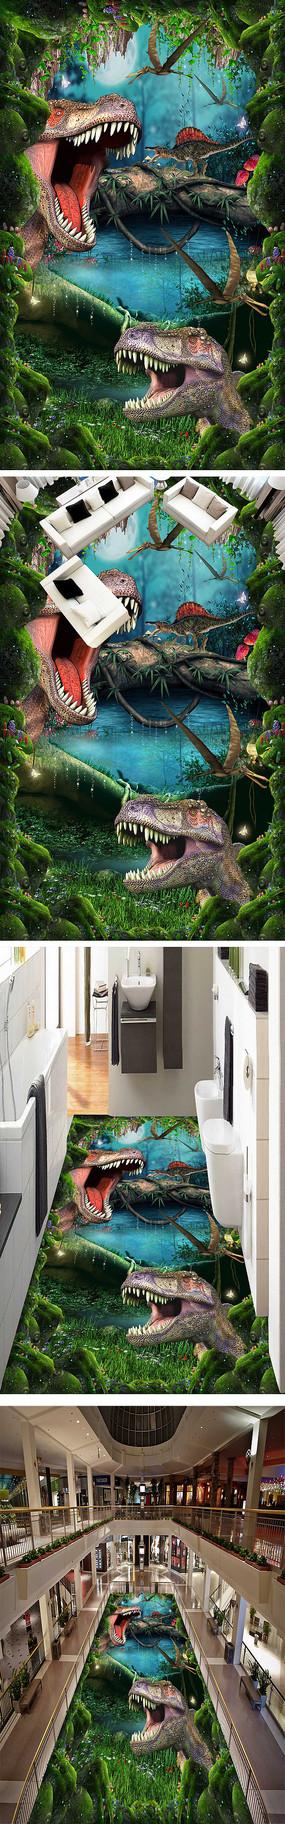 梦幻恐龙3D立体地画